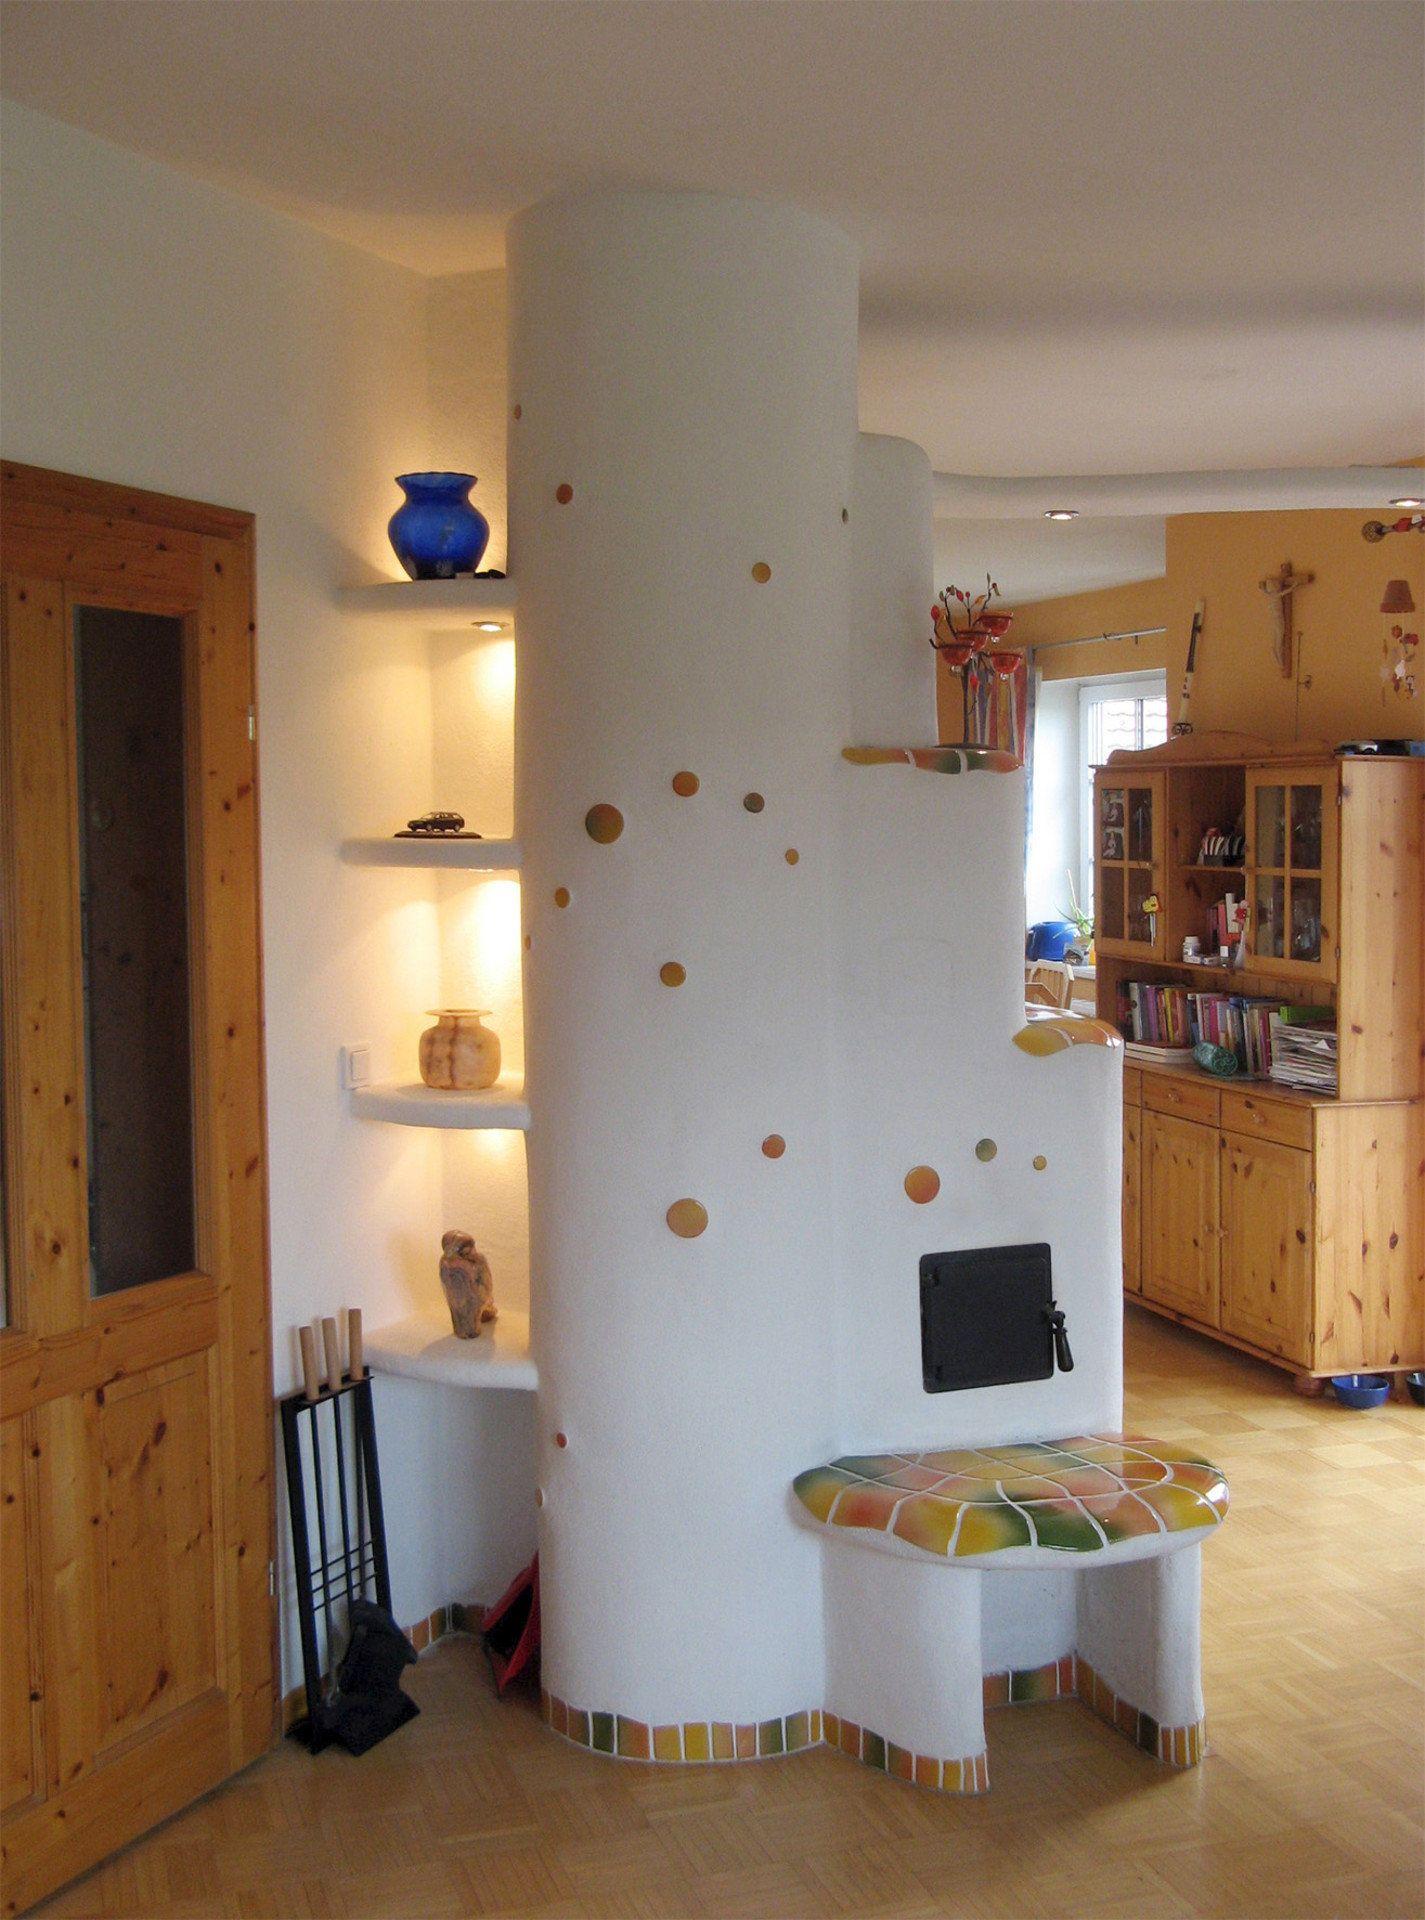 Moderne wohnideen außen weißer moderner kachelofen  hafner jens pittelkau  wohnen in